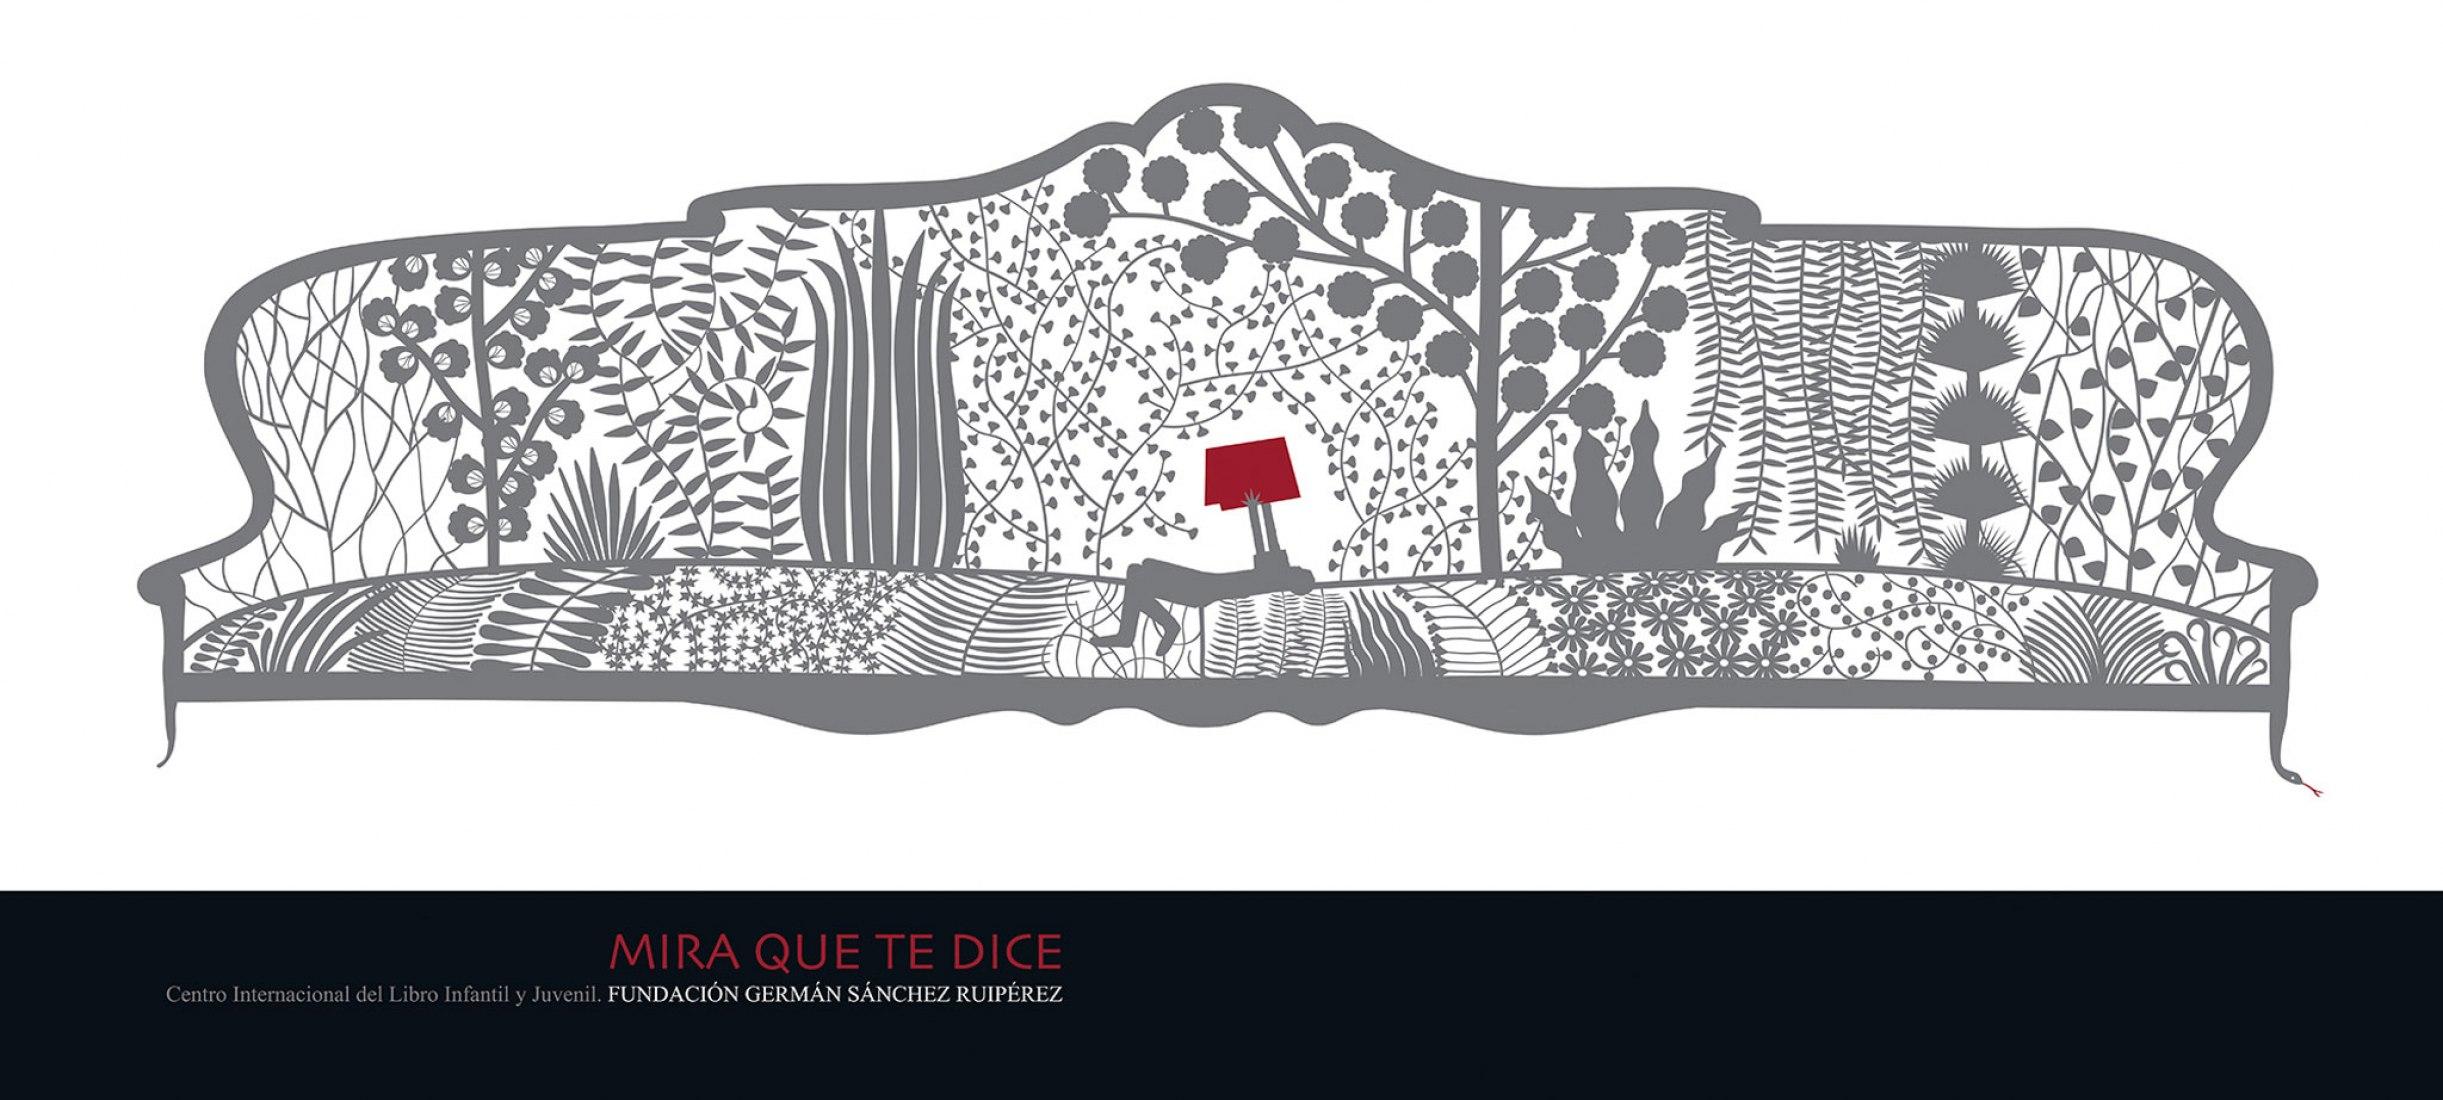 Pablo Amargo. Cartel para la Fundación Germán Sánchez Ruipérez, 2009. Cortesía del Museo ABC